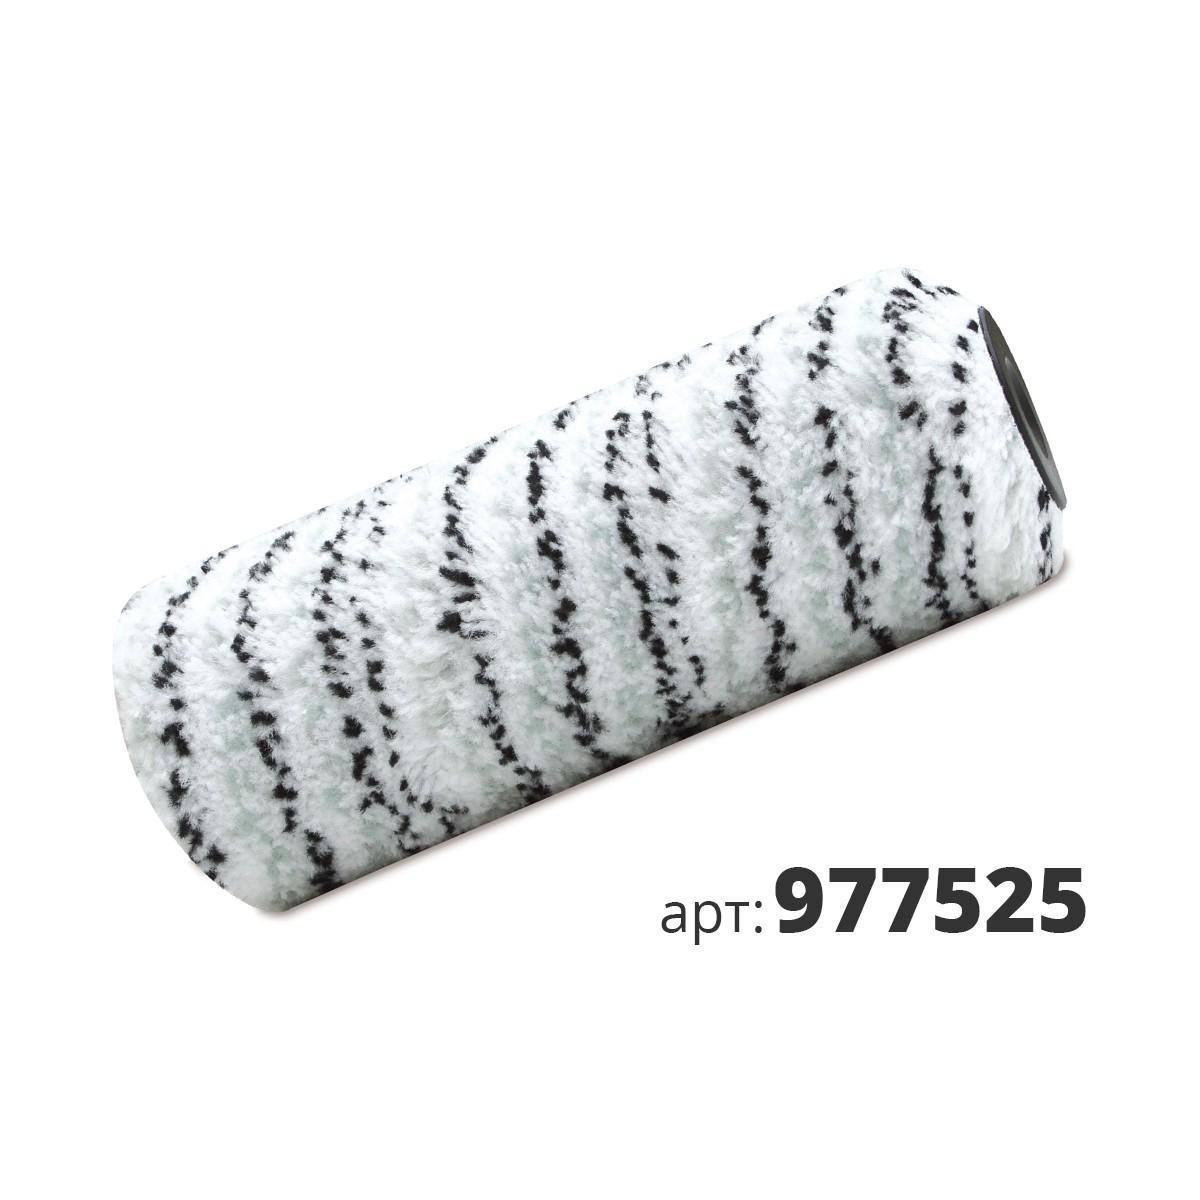 МАКО валик сменный black-line, полиамид 977525